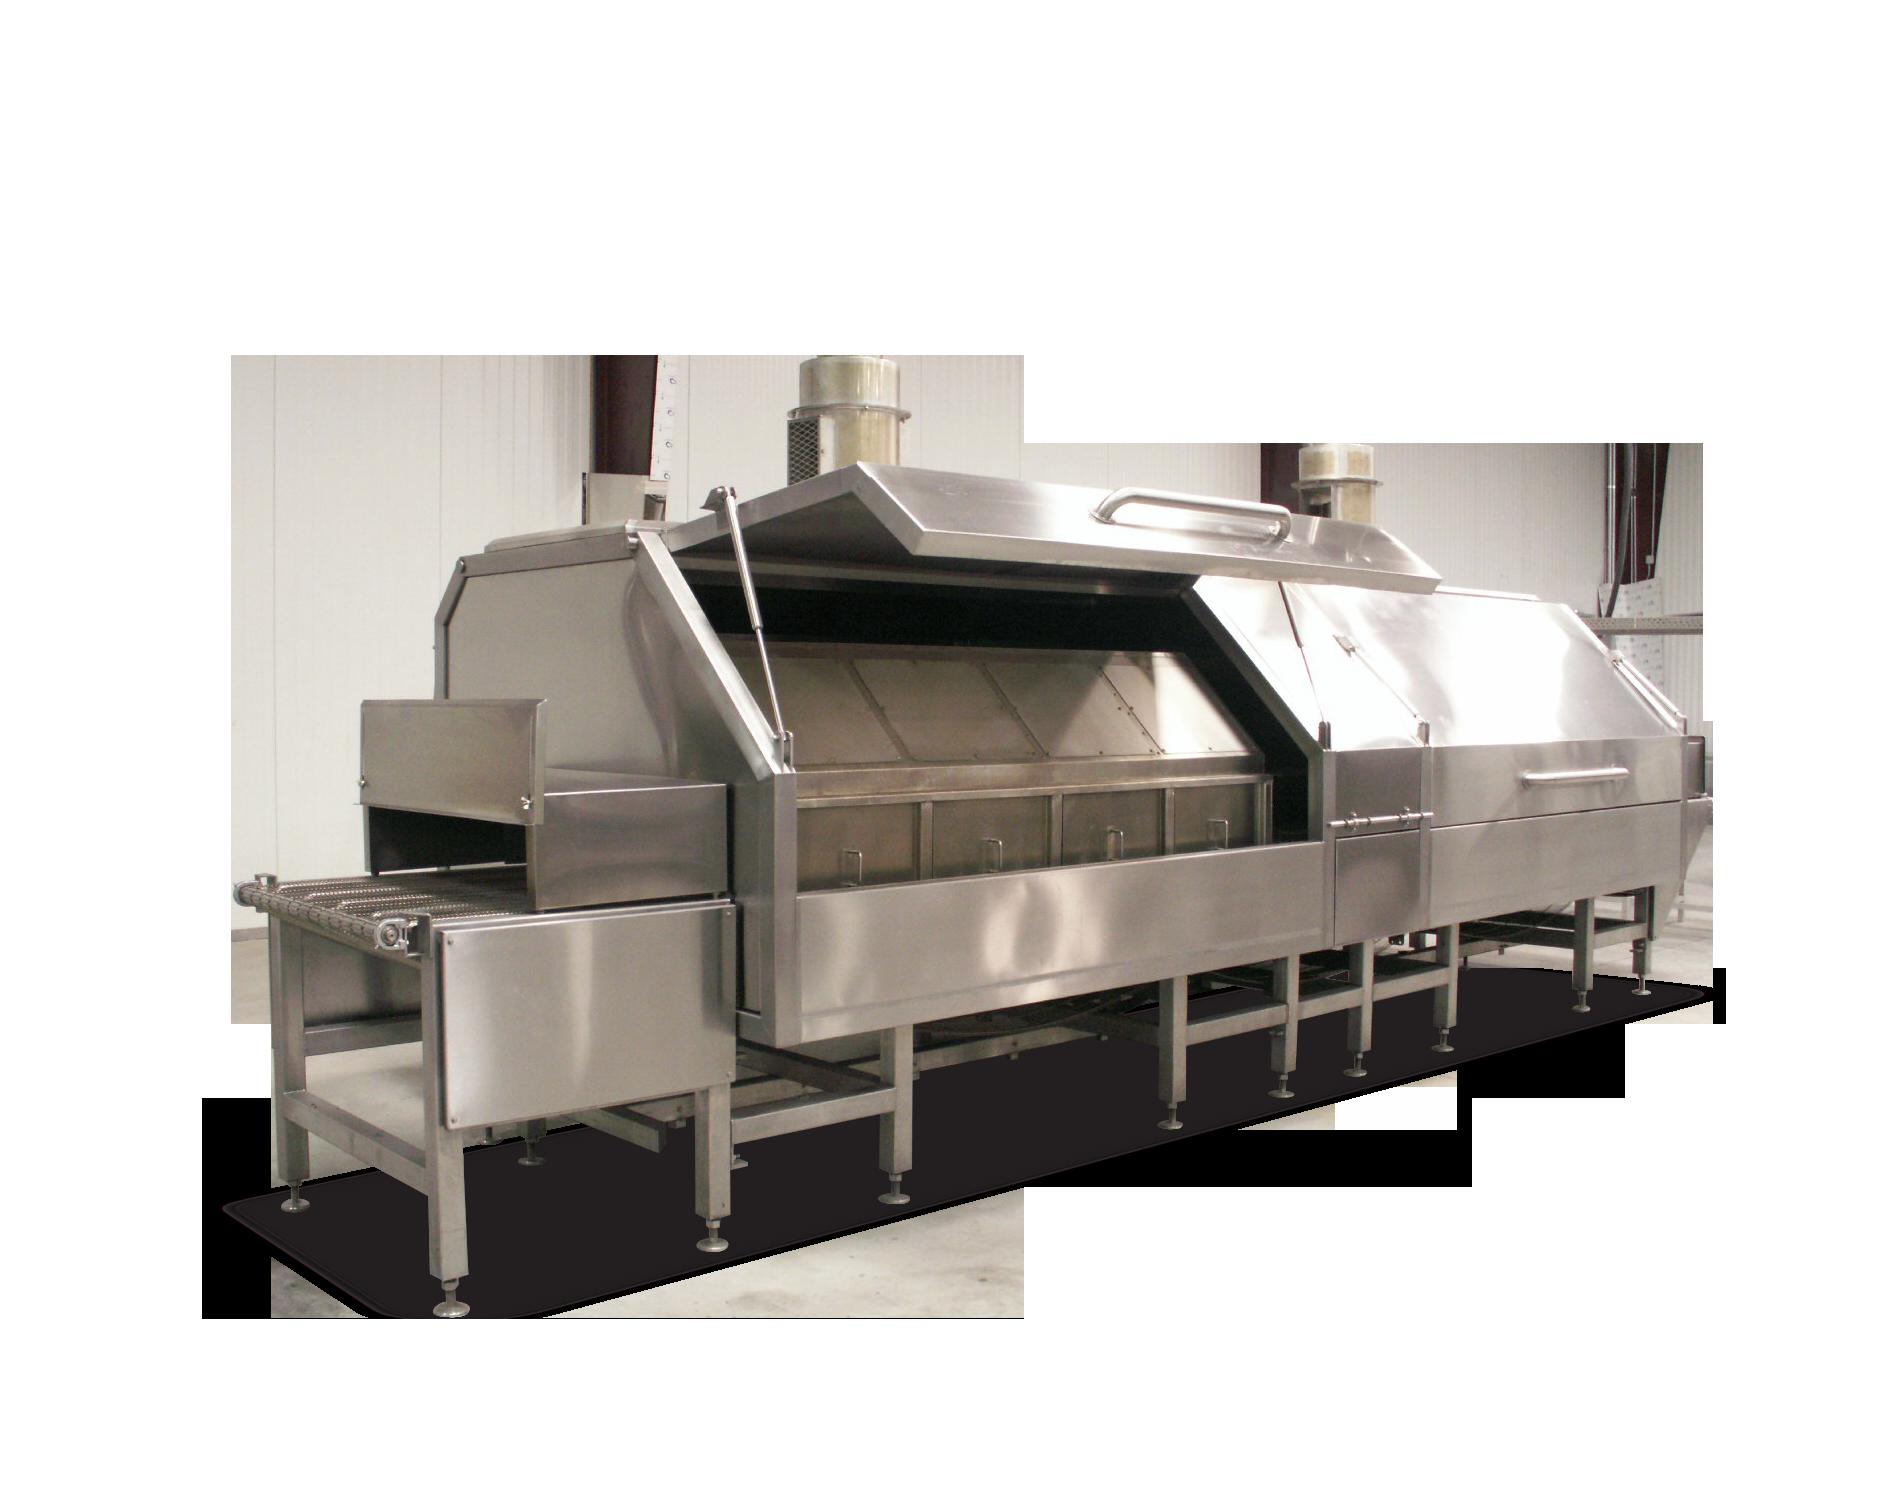 Unitherm Rapidflow Linear Oven